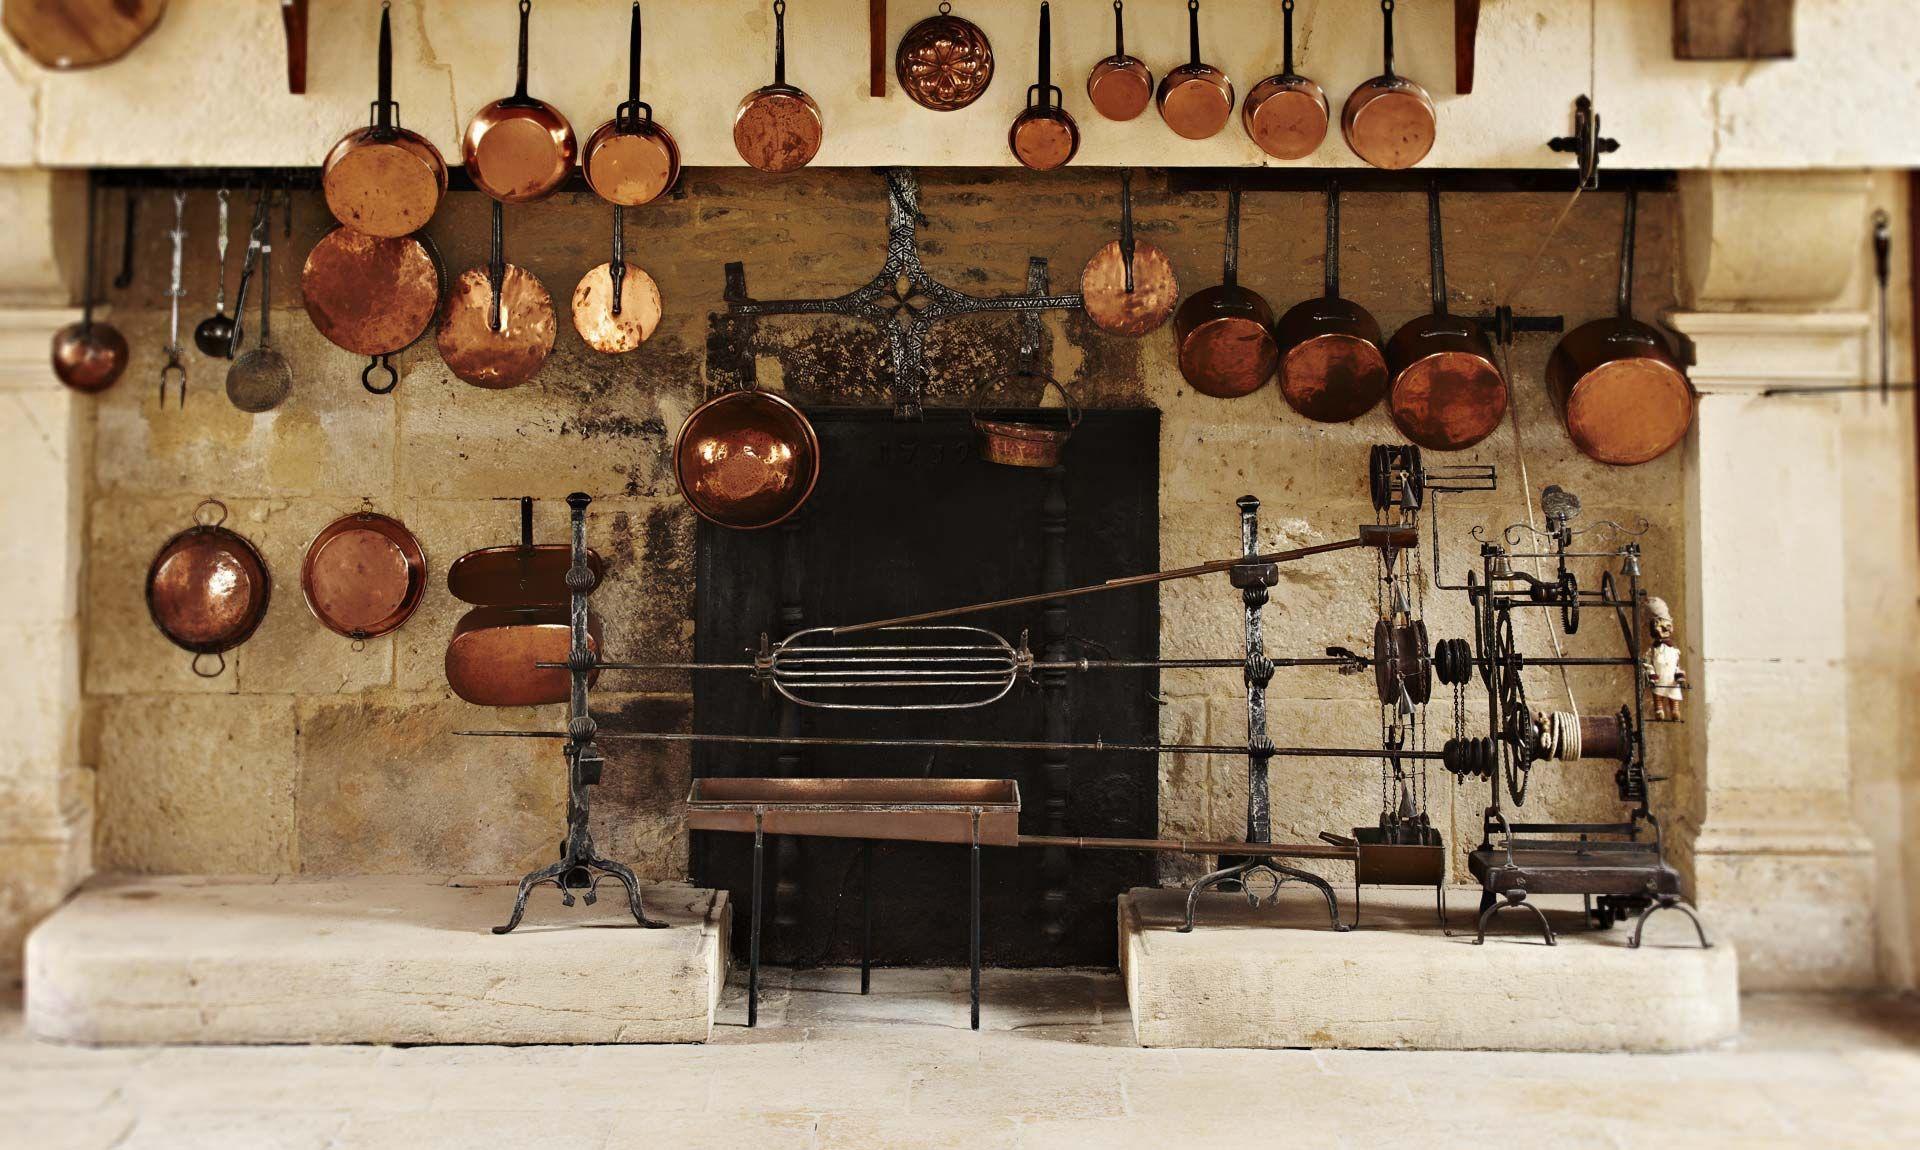 Bourgogne l ancienne cuisine l ancienne cuisine t moigne for Cuisine ancienne